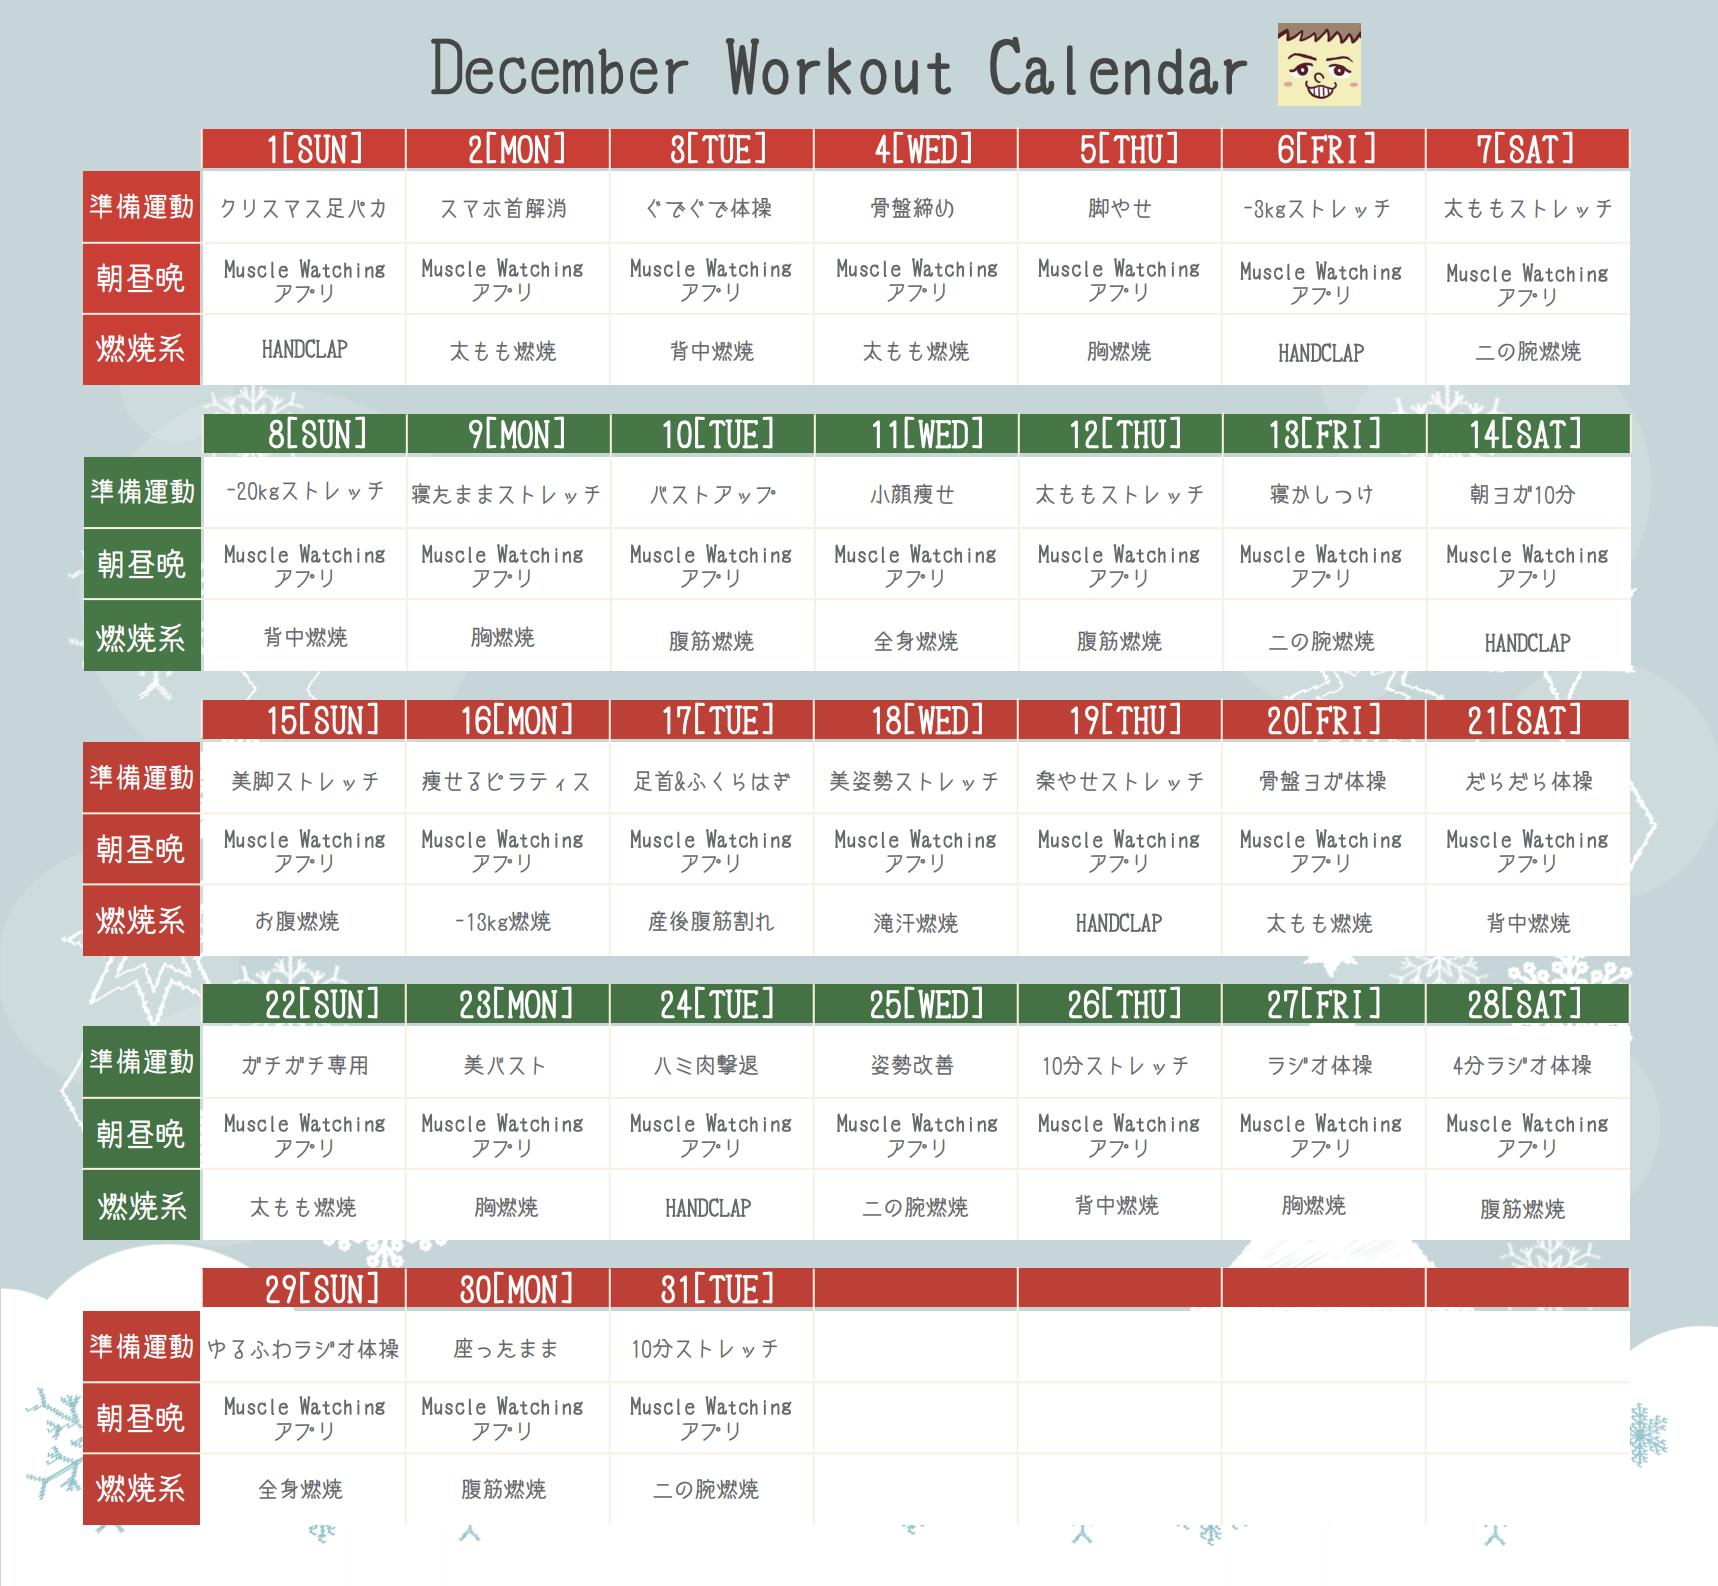 12月ワークアウトカレンダー| Muscle Watching